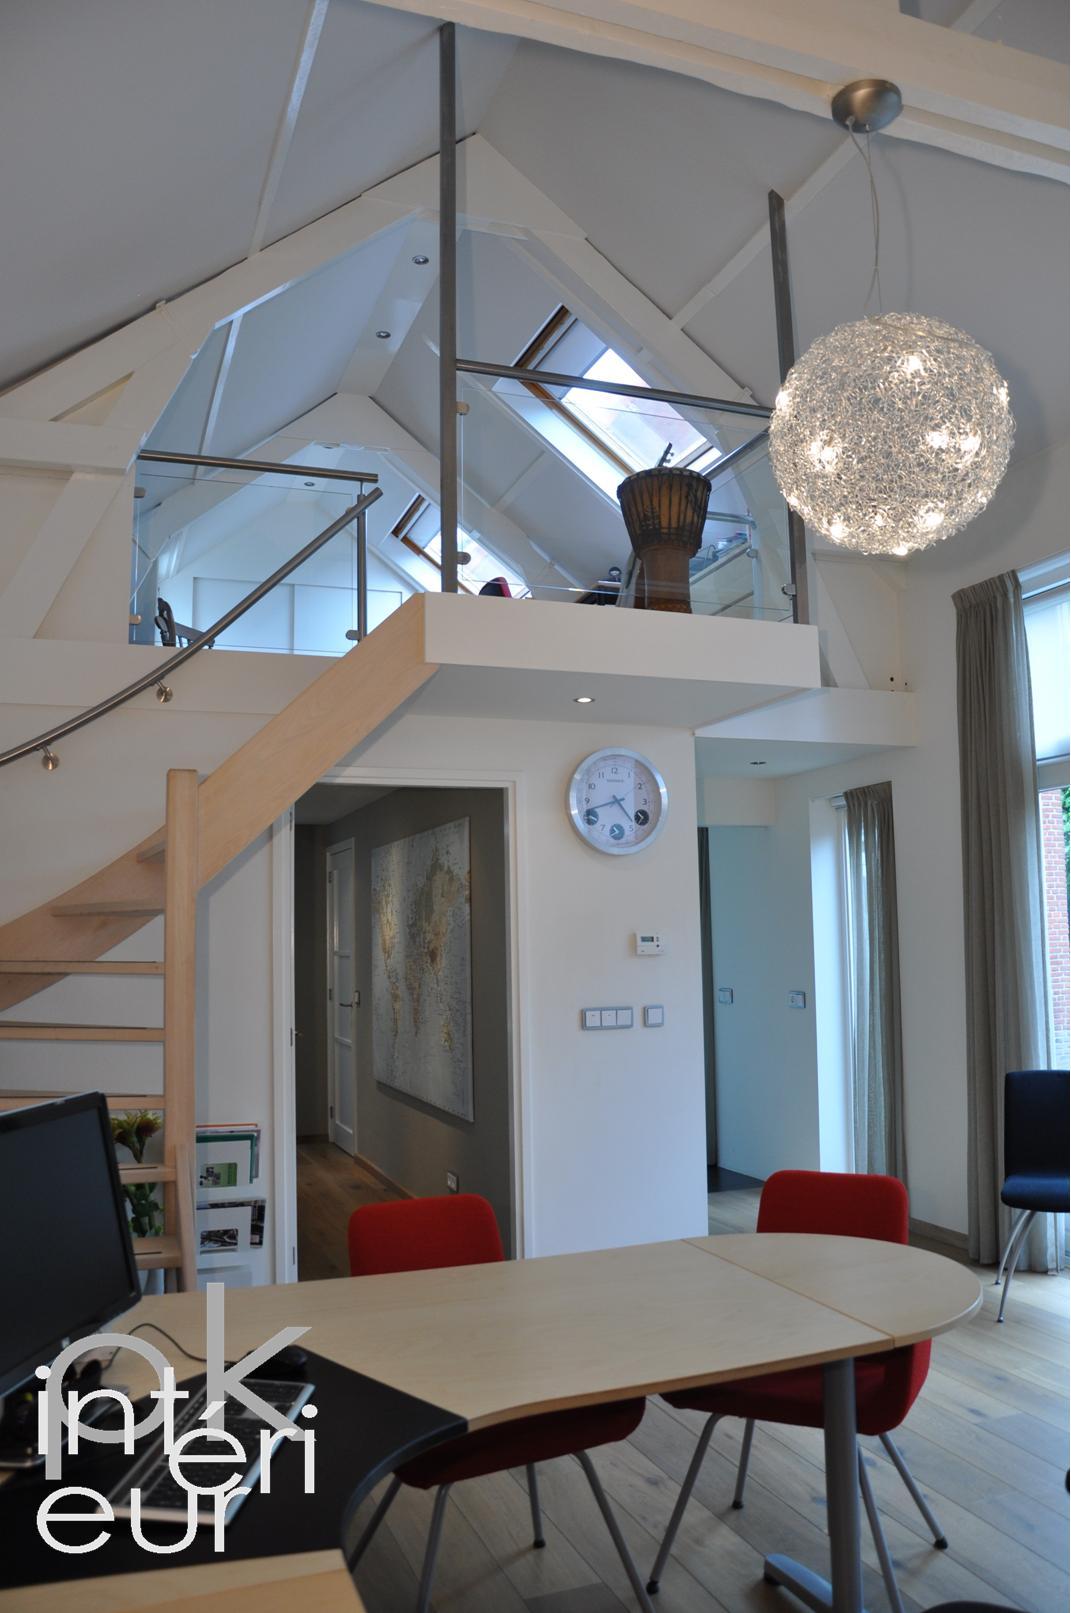 Interieurarchitectuur kantoorruimte eenmanszaak compleet ontwerp voor de herstructurering van - Mezzanine verlichting ...